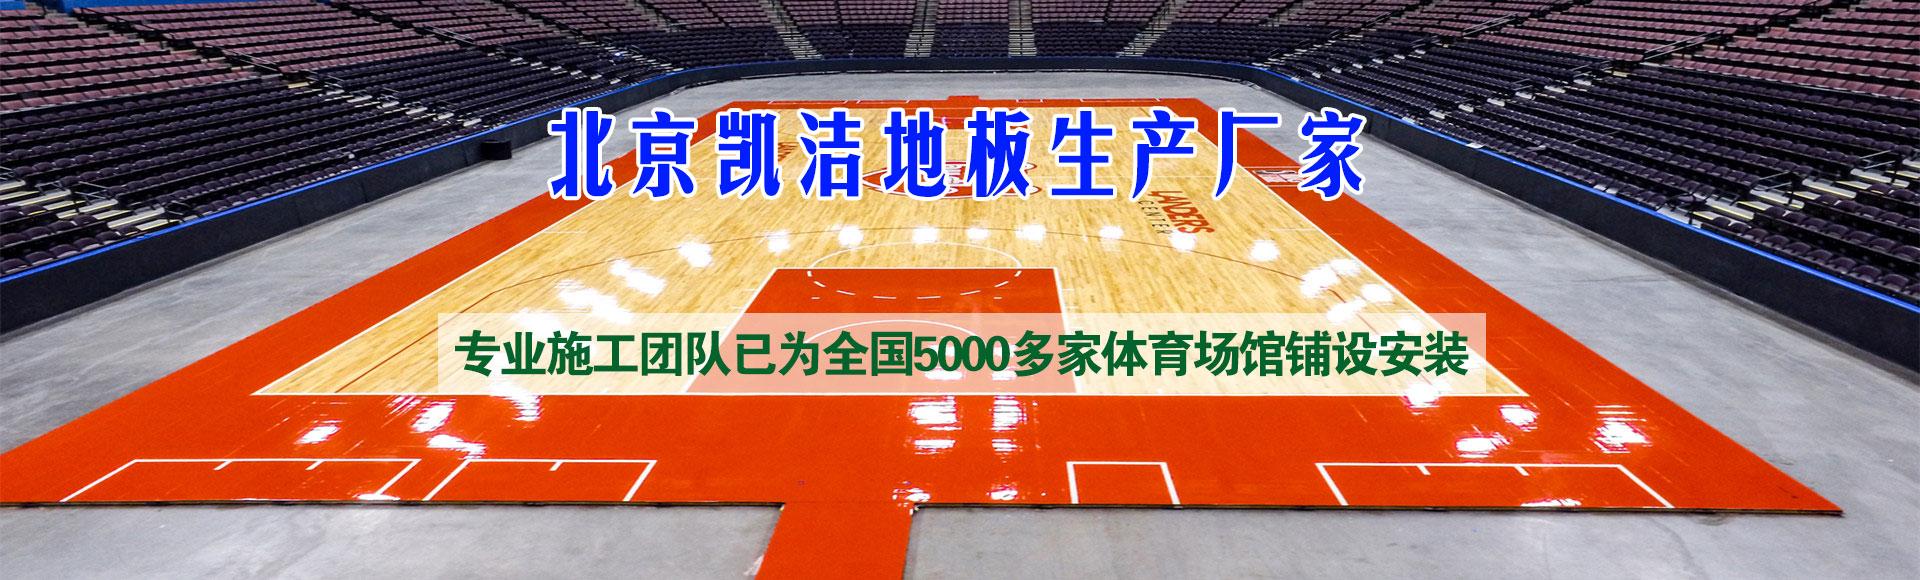 羽毛球地板_篮球地板_体育木地板_凯洁地板_运动木地板